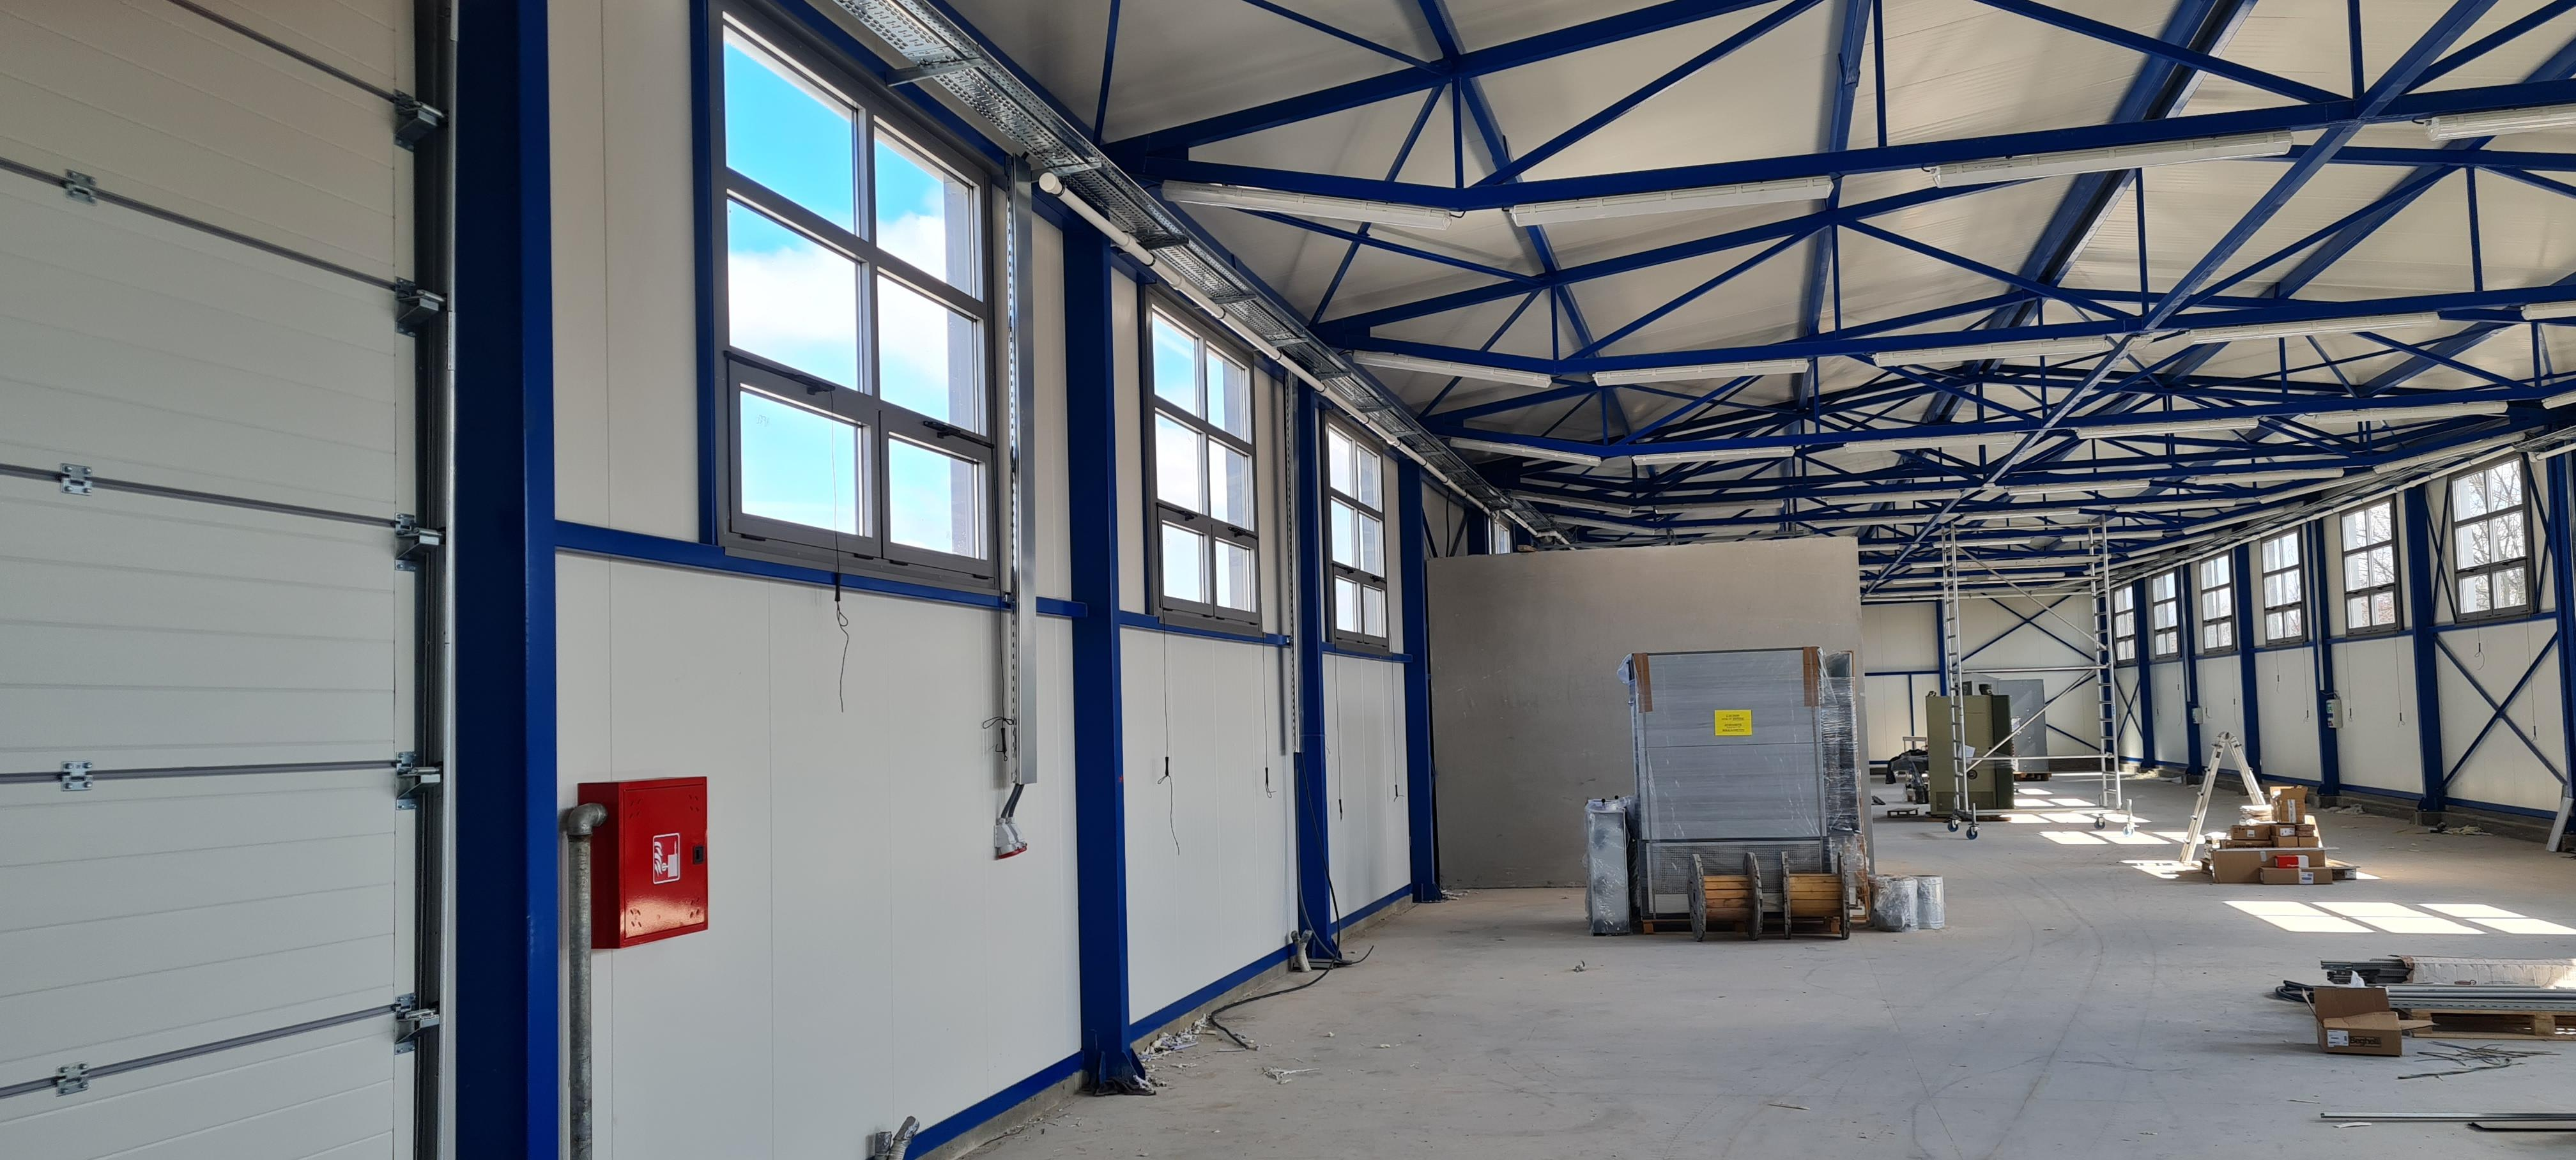 GRP Centar - Proizvodna hala - PVC prozori - Unutrašnji izgled iz drugog ugla